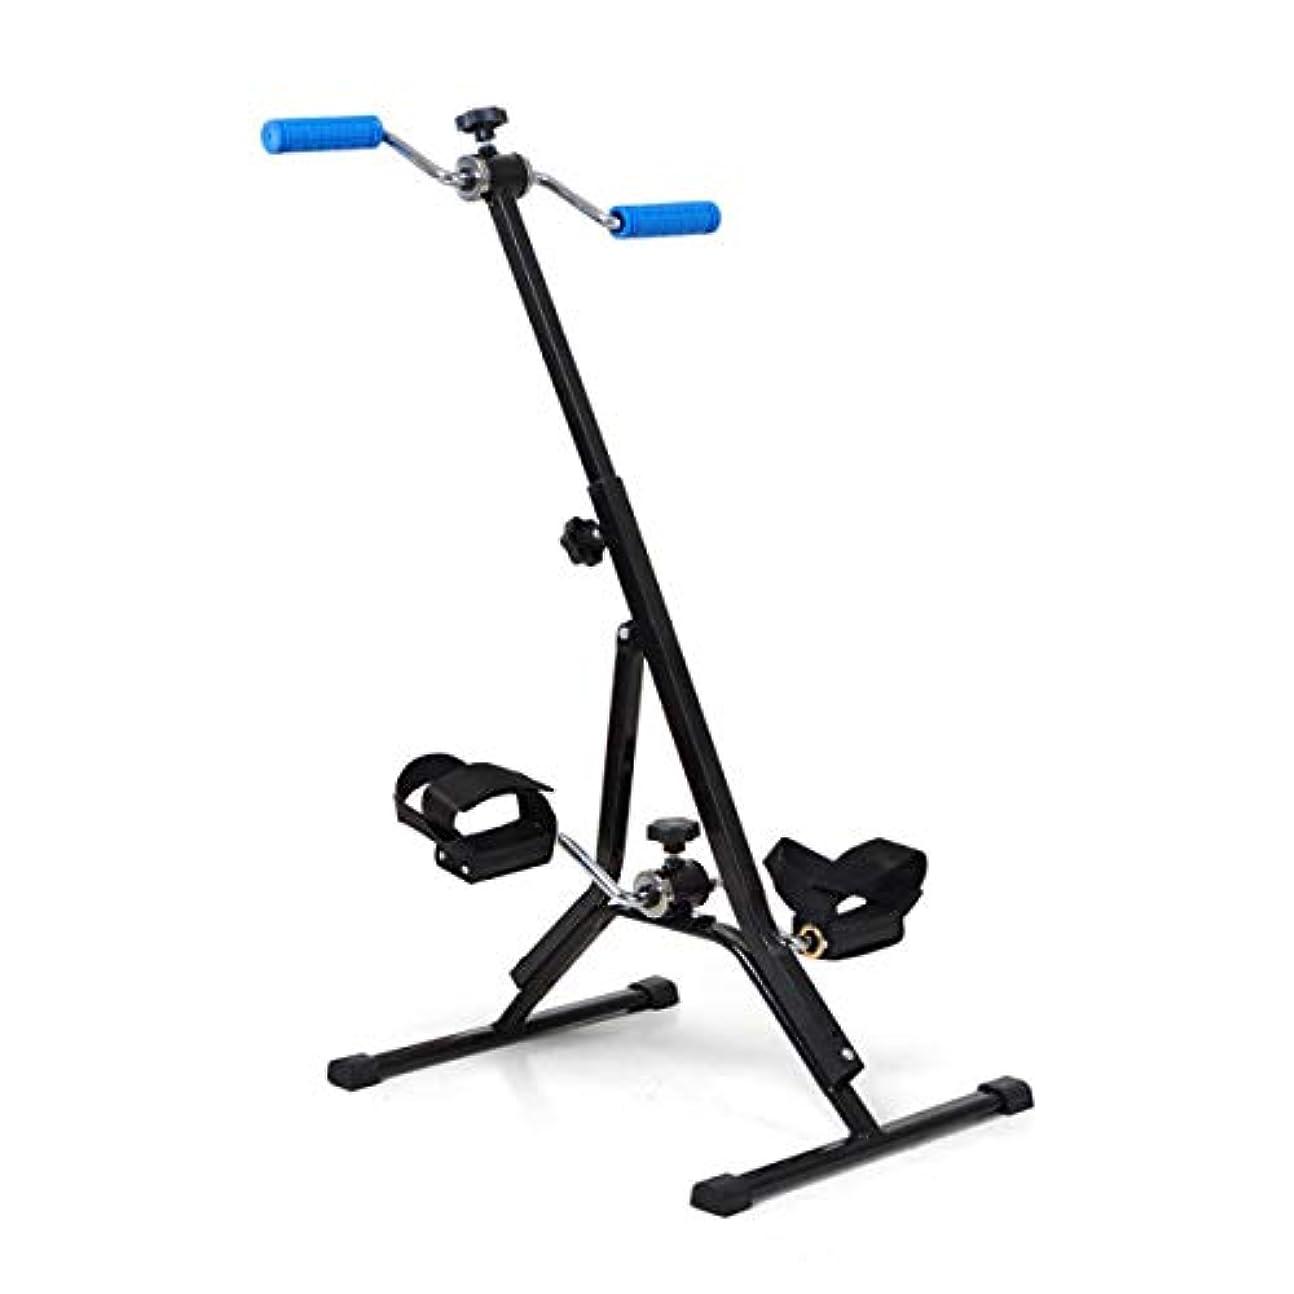 ピカリングインテリアメンター高齢者リハビリテーション訓練自転車、上肢および下肢のトレーニング機器、ホームレッグアームペダルエクササイザー、デスクサイクル運動トレッドミル,A